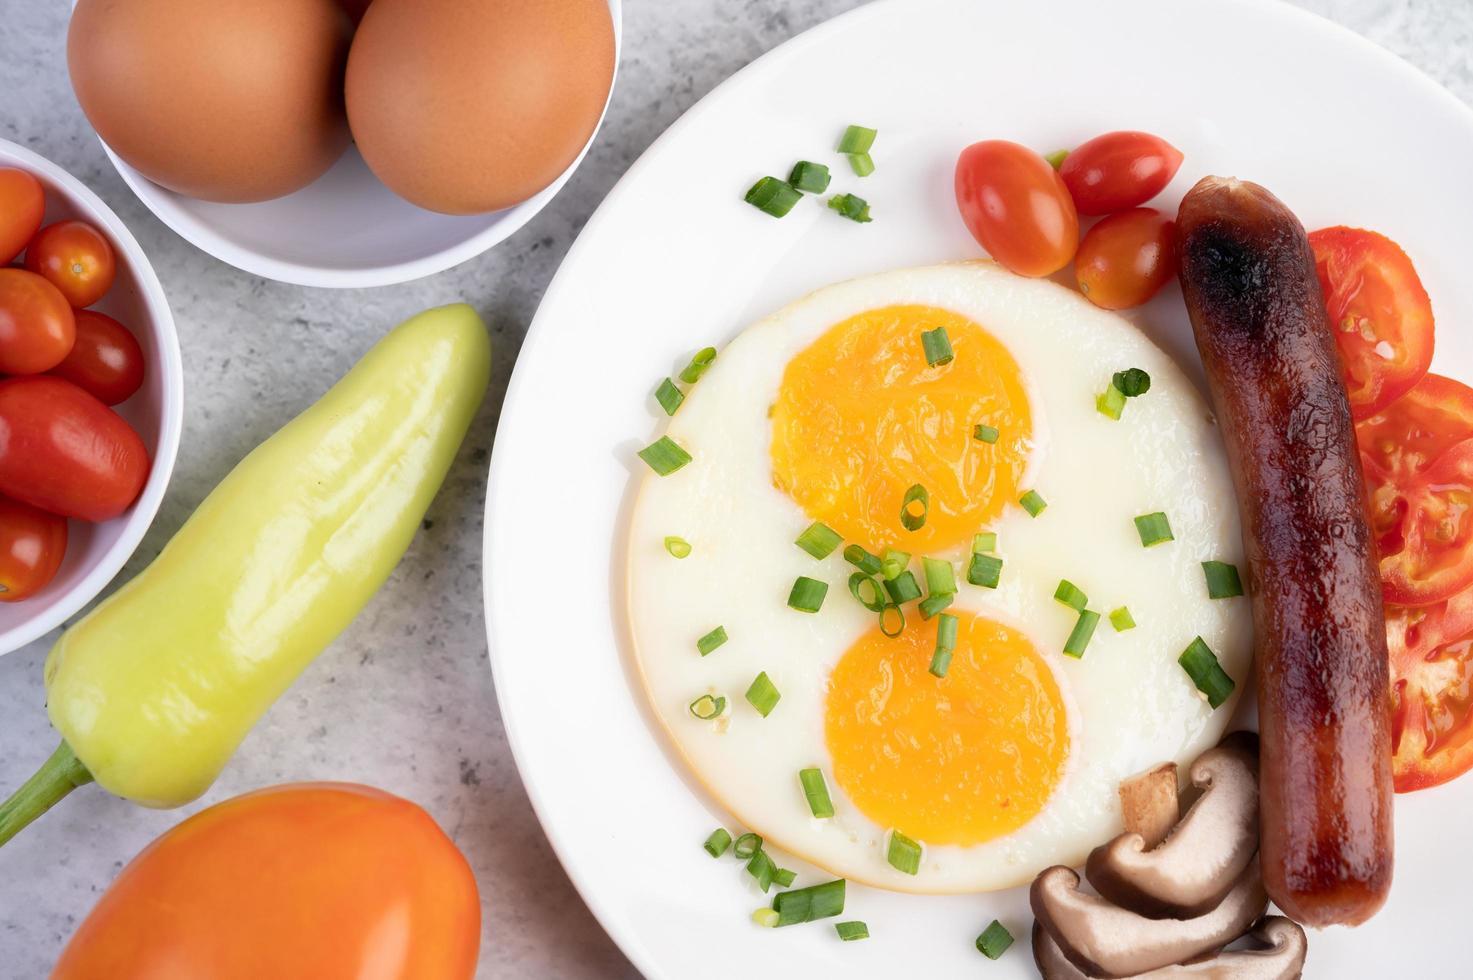 piatto della colazione con uova fritte, pomodori, salsiccia cinese e funghi foto